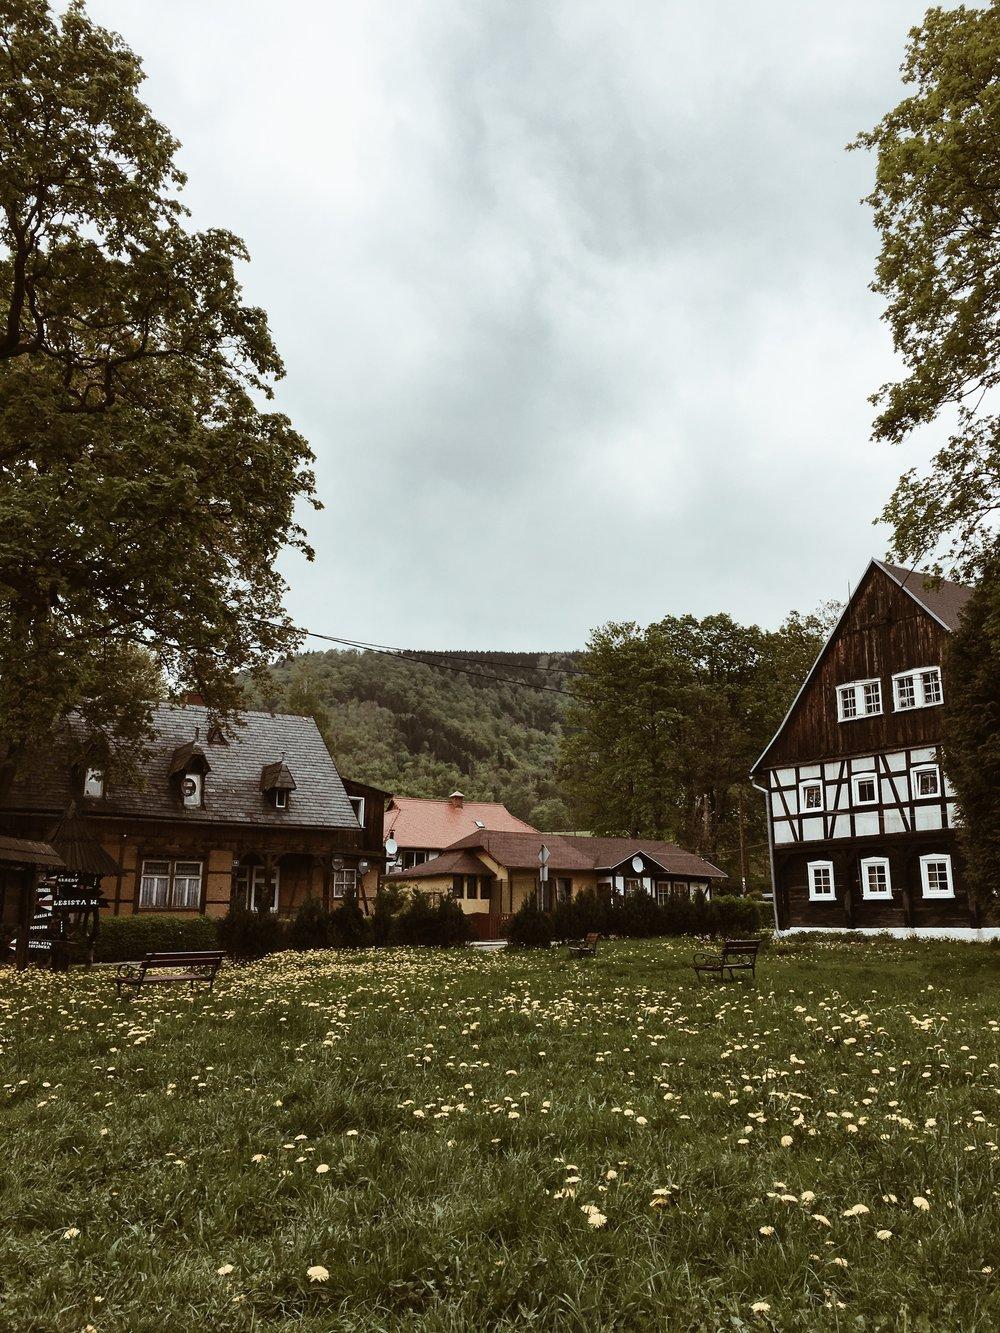 Dom z prawej strony należał do noblisty Gehrard Hauptmann